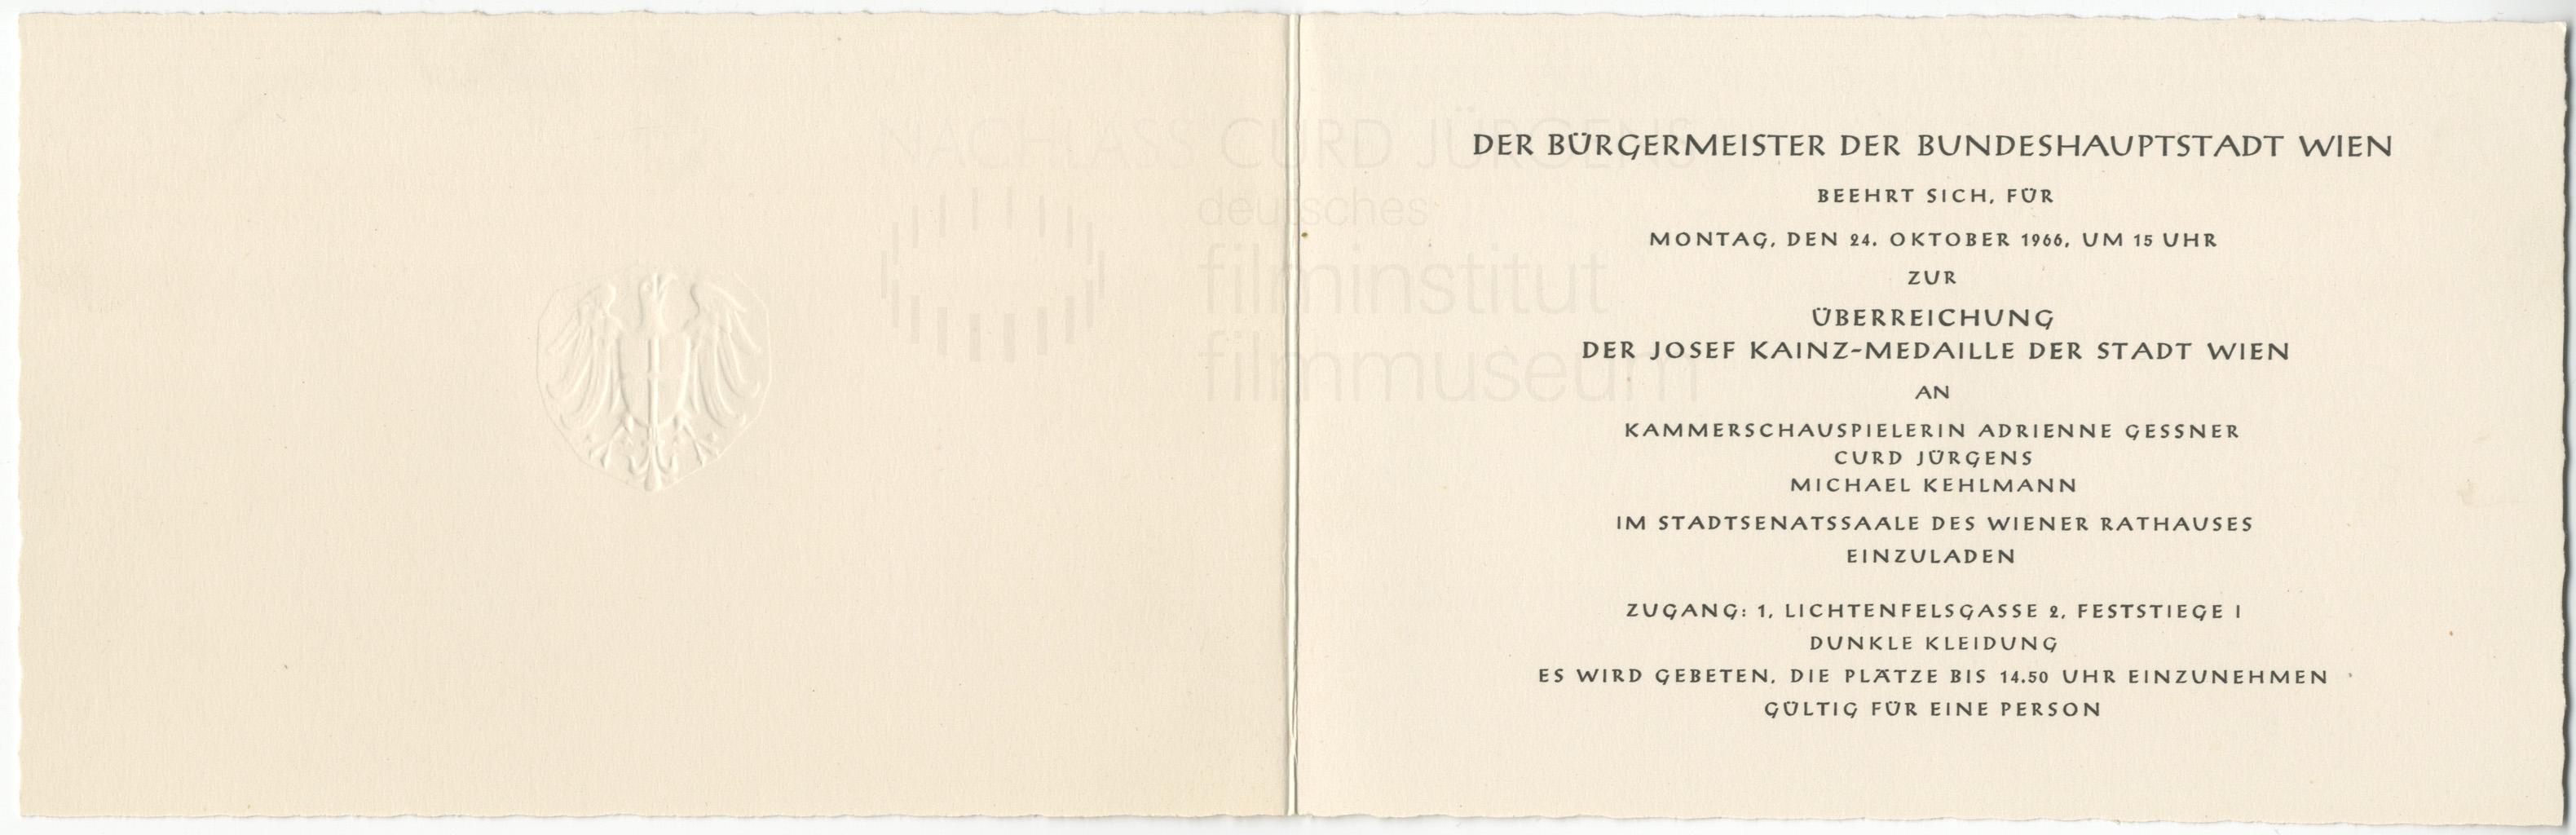 """""""Richter in eigener Sache"""" Einladungskarte zur Verleihung der Josef-Kainz-Medaille der Stadt Wien, 1966"""